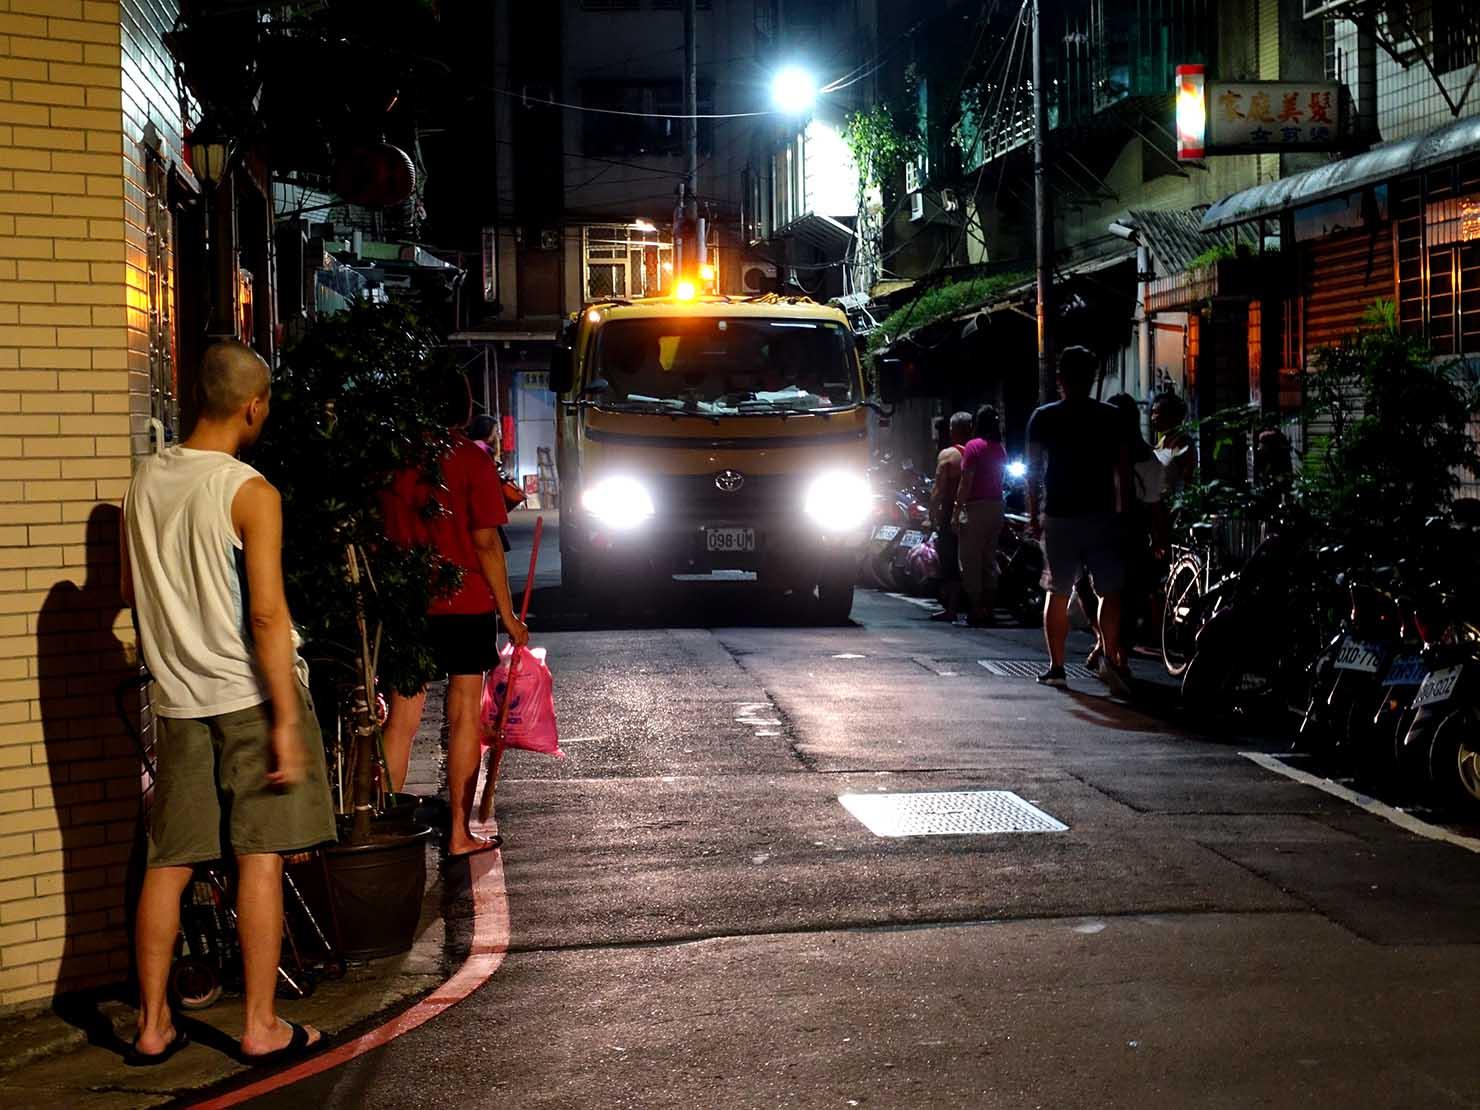 『エリーゼのために』を流しながらやってくる台湾のゴミ収集車